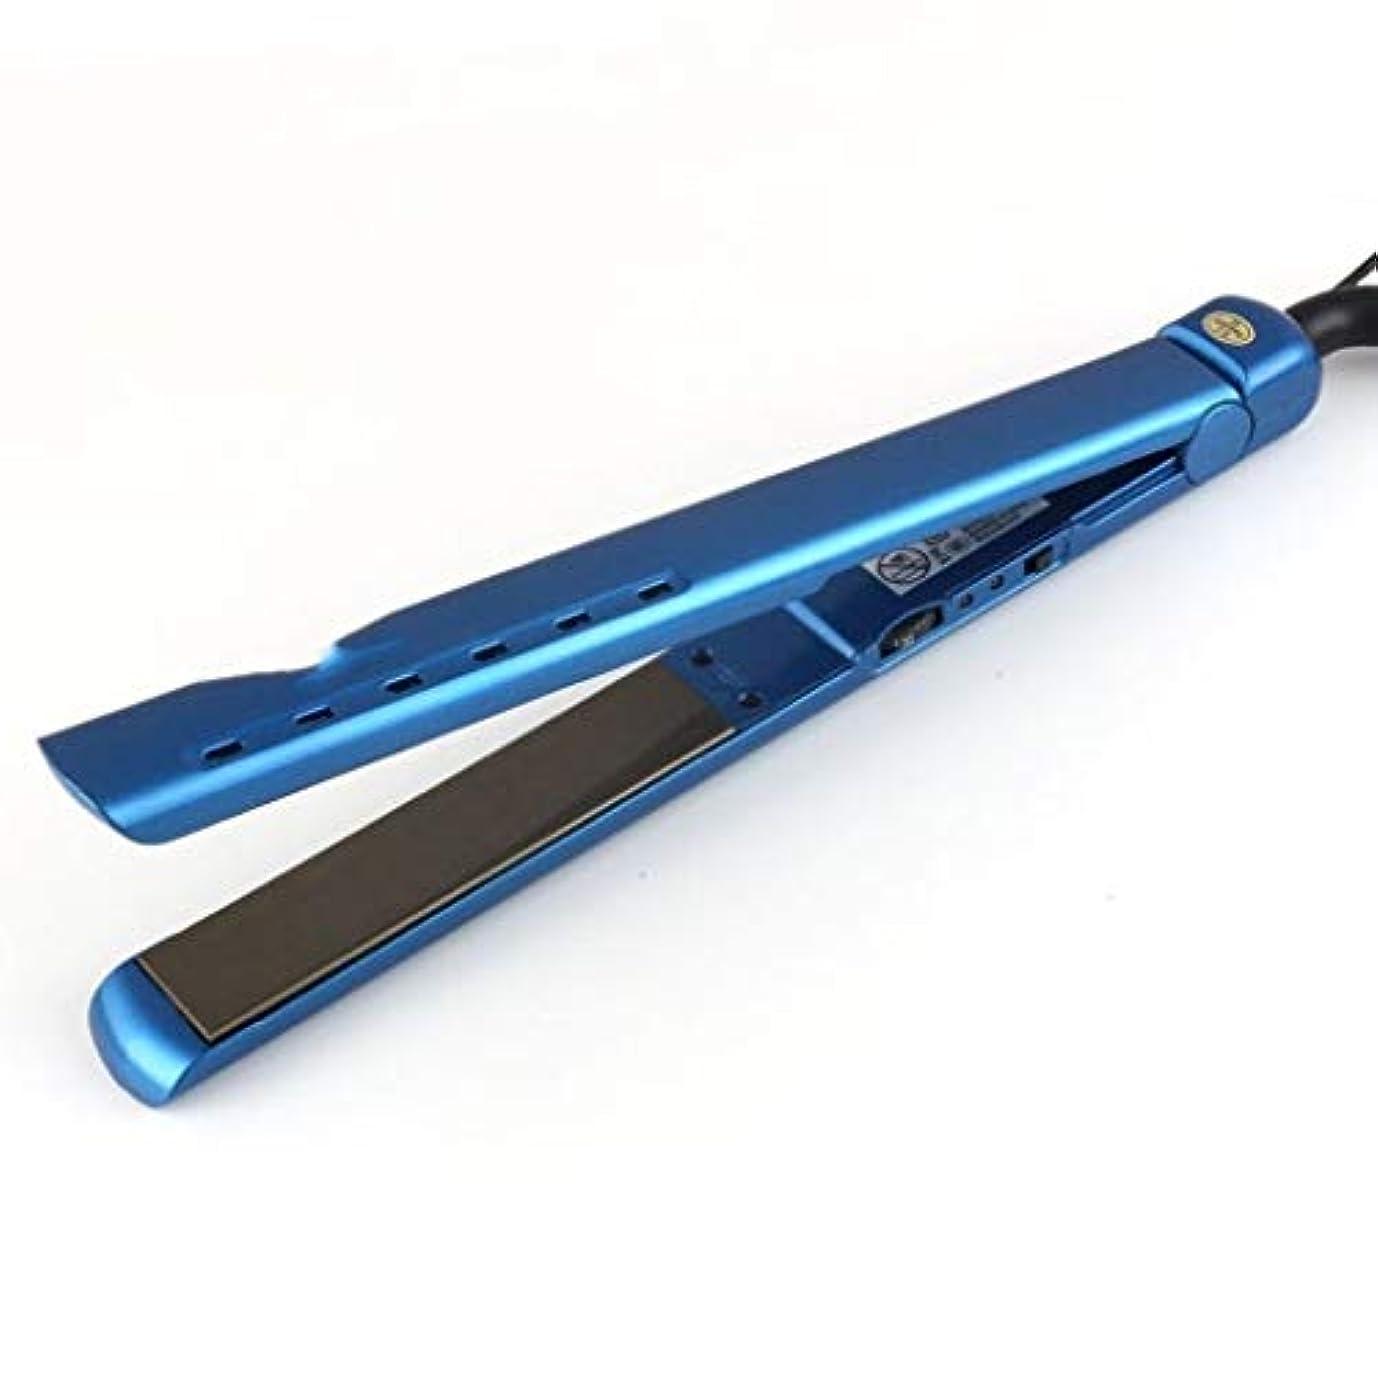 開示するイノセンス不正JLHRB ストレートストレートヘアアイロンと巻き毛2 In 1および調整可能な温度130度-230度で、すべての髪のタイプをすばやく加熱 (Color : D)